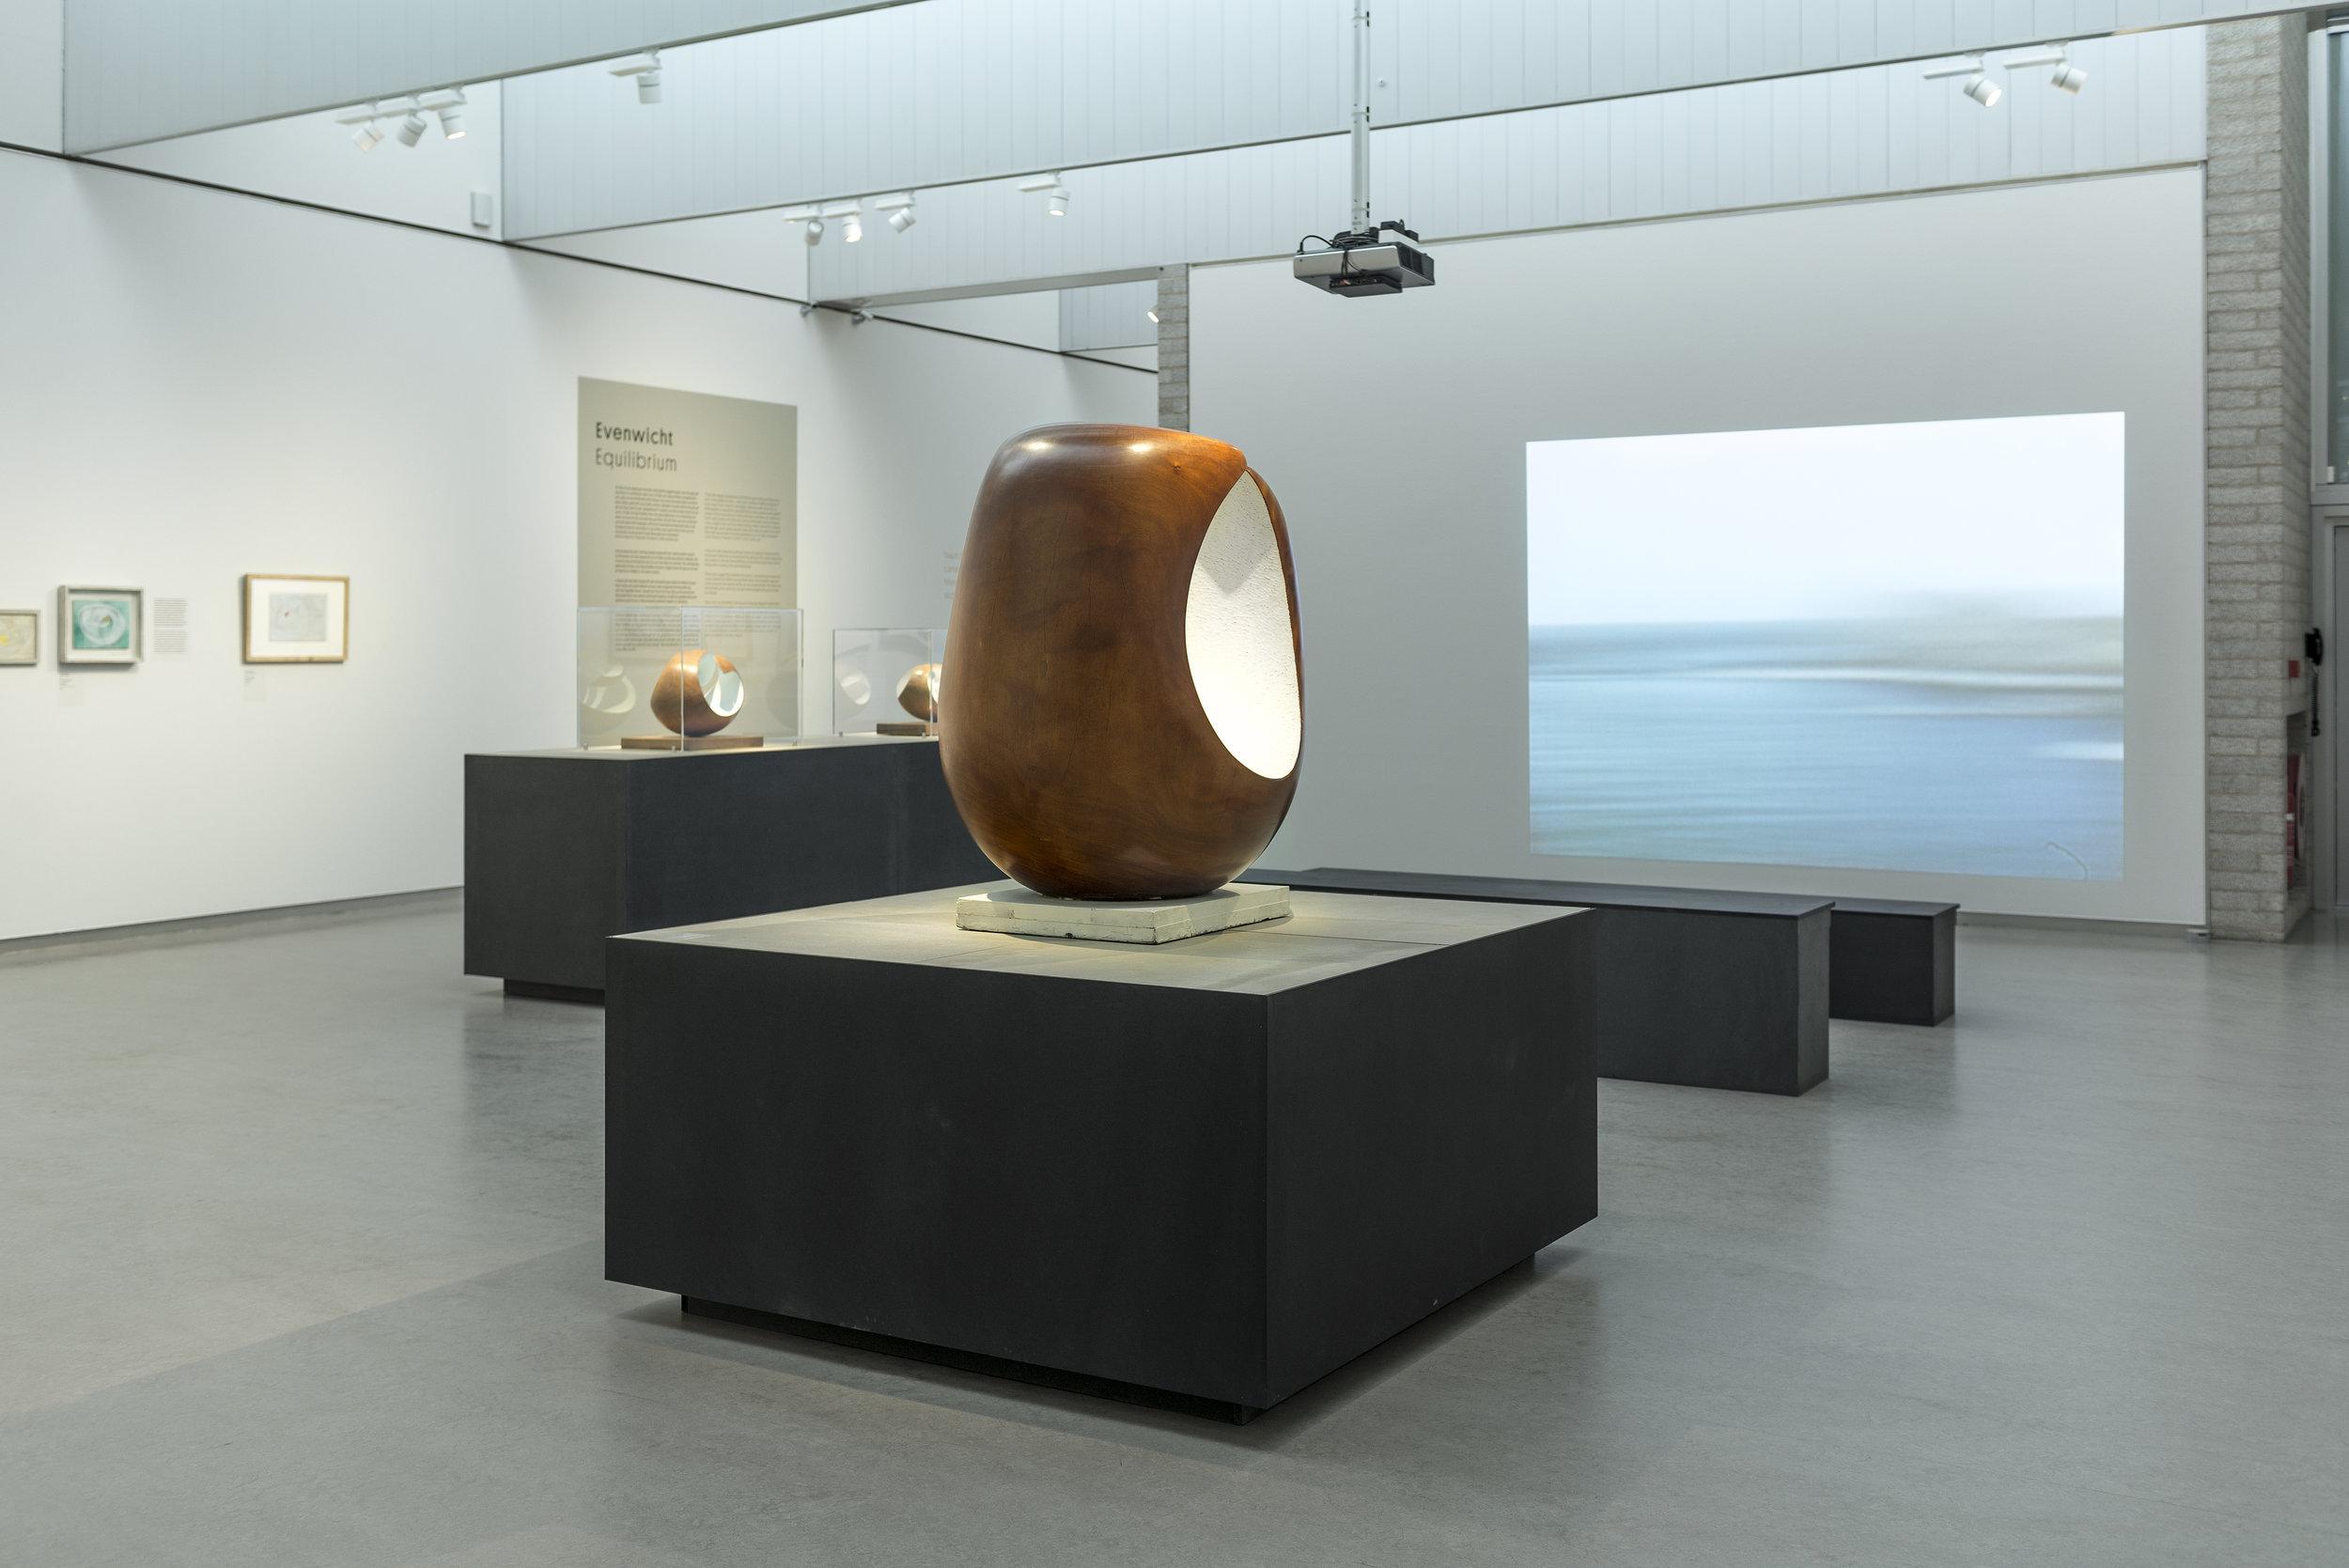 installation view Barbara Hepworth- Sculpture for a Modern World_04.jpg